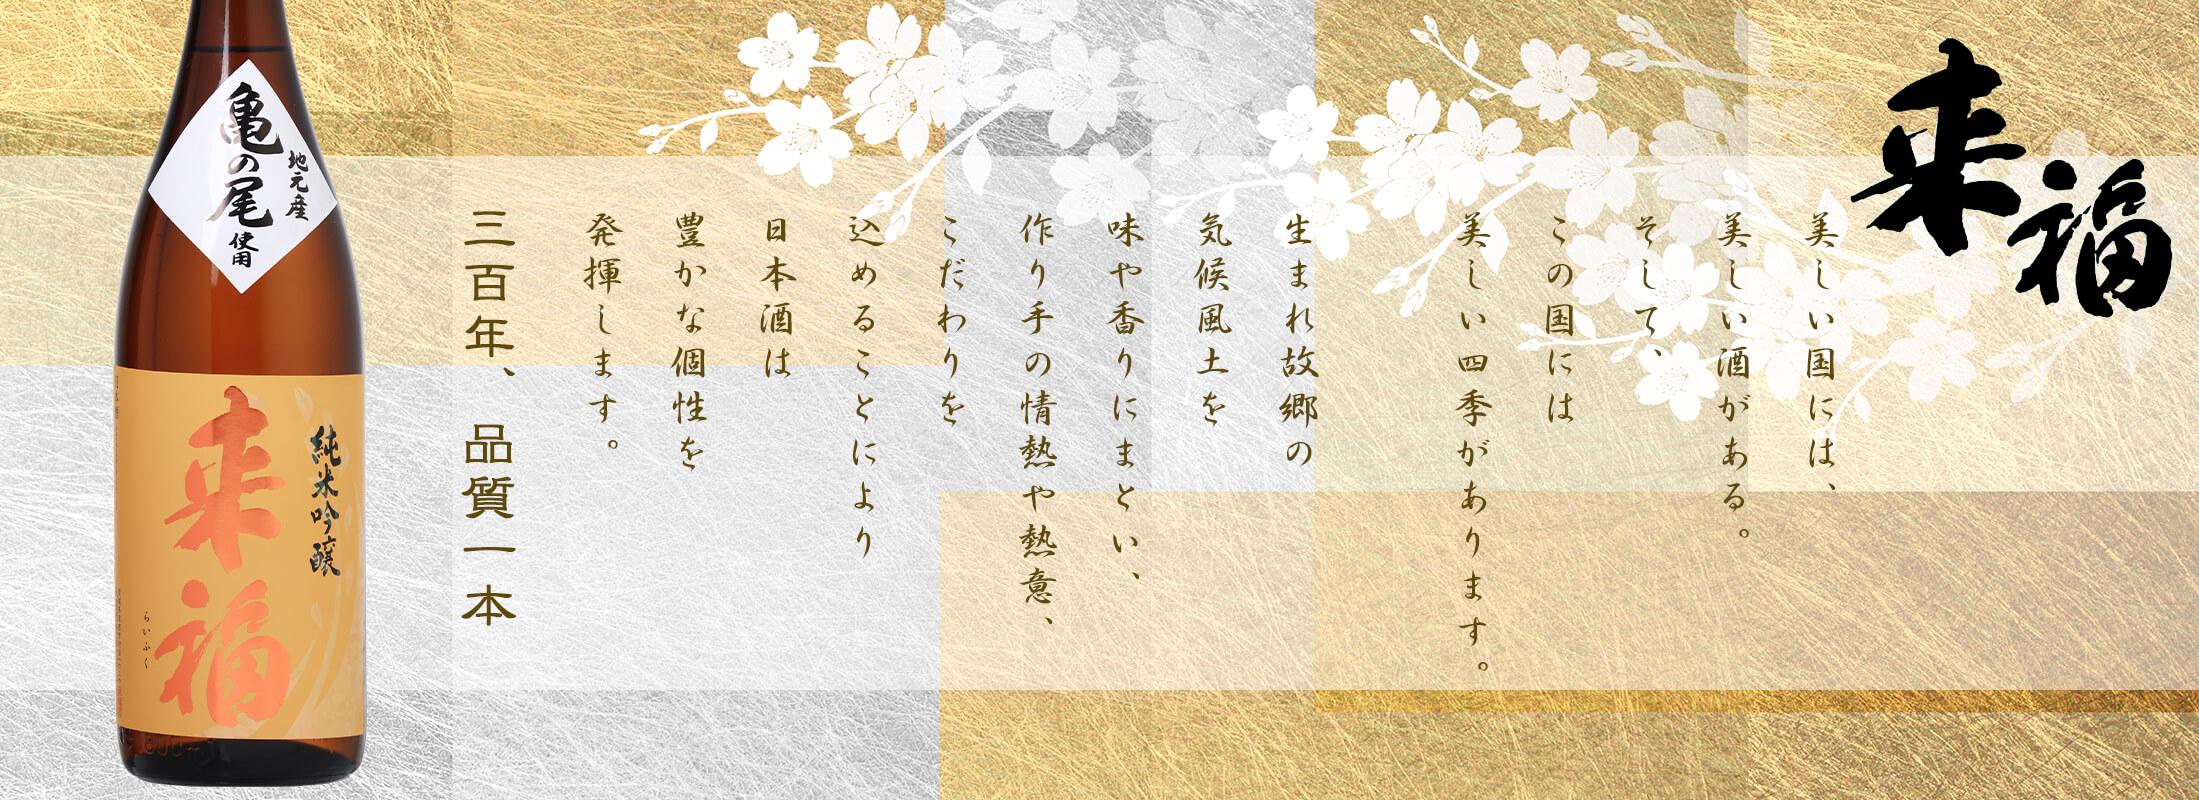 来福 亀の尾 純米吟醸